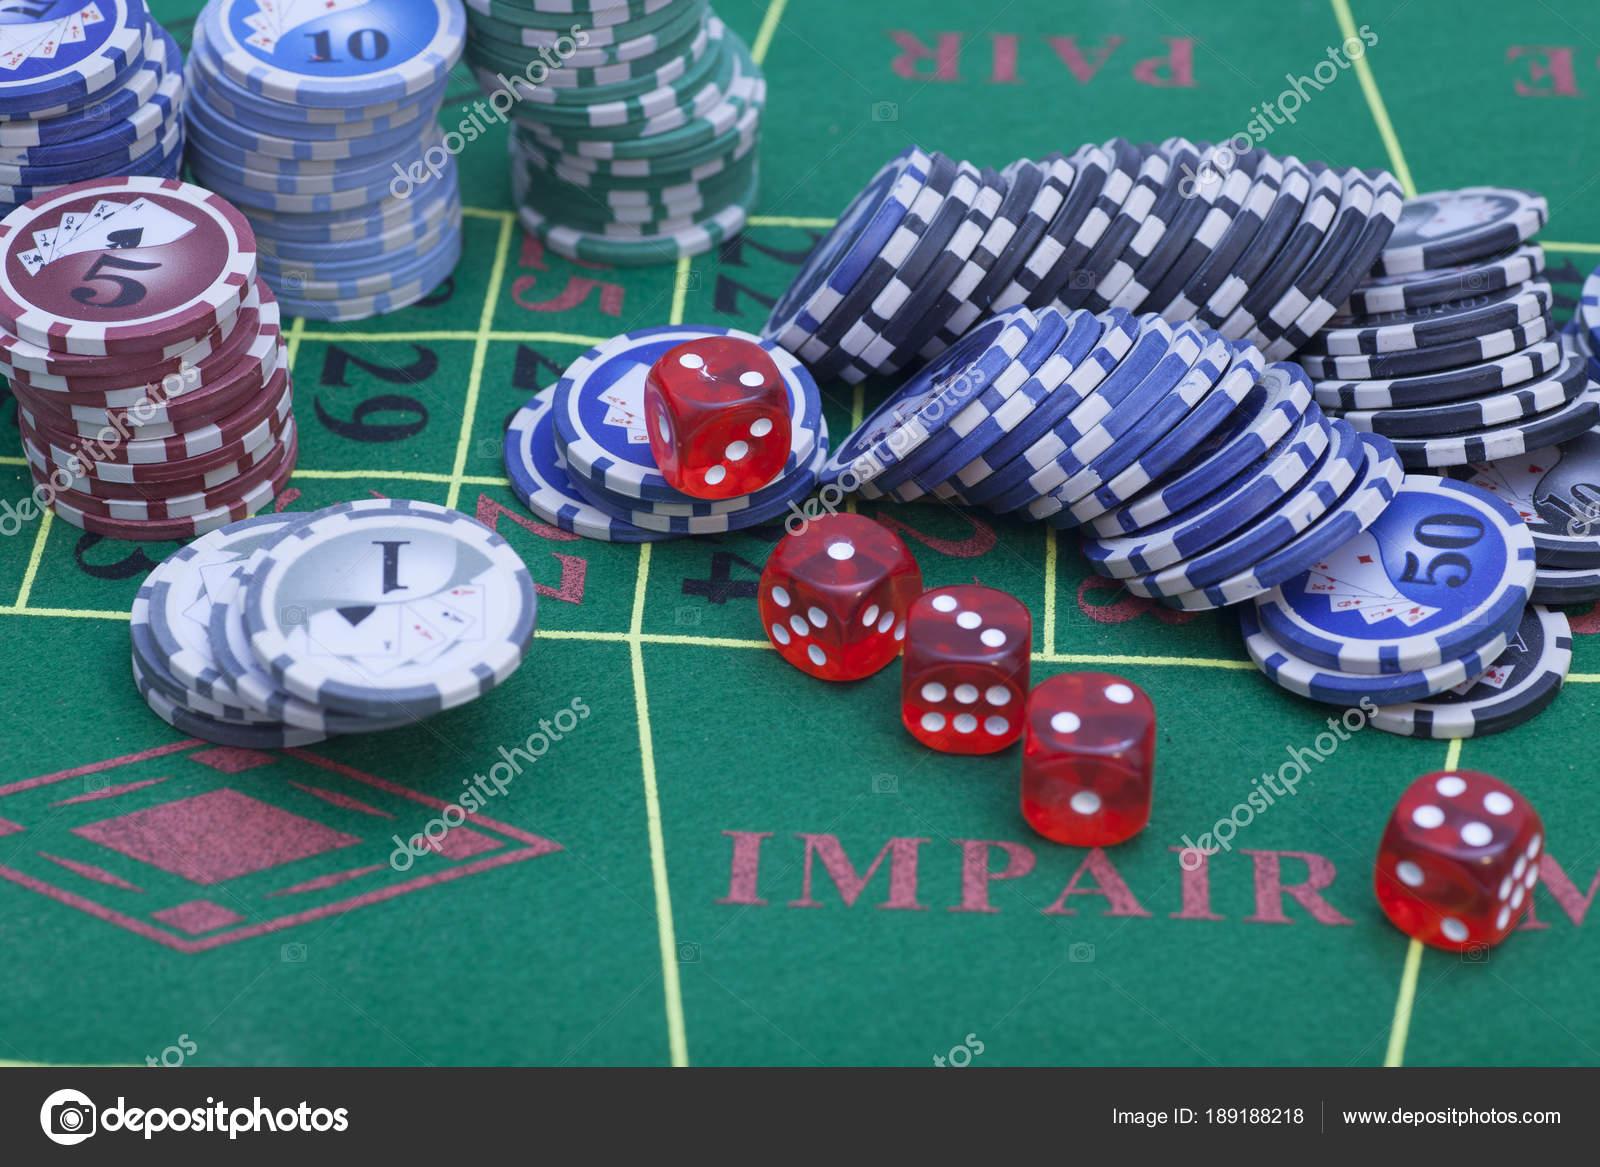 Juego Dados Casino Dados Rojo Extremo Fichas En Una Mesa De Juego